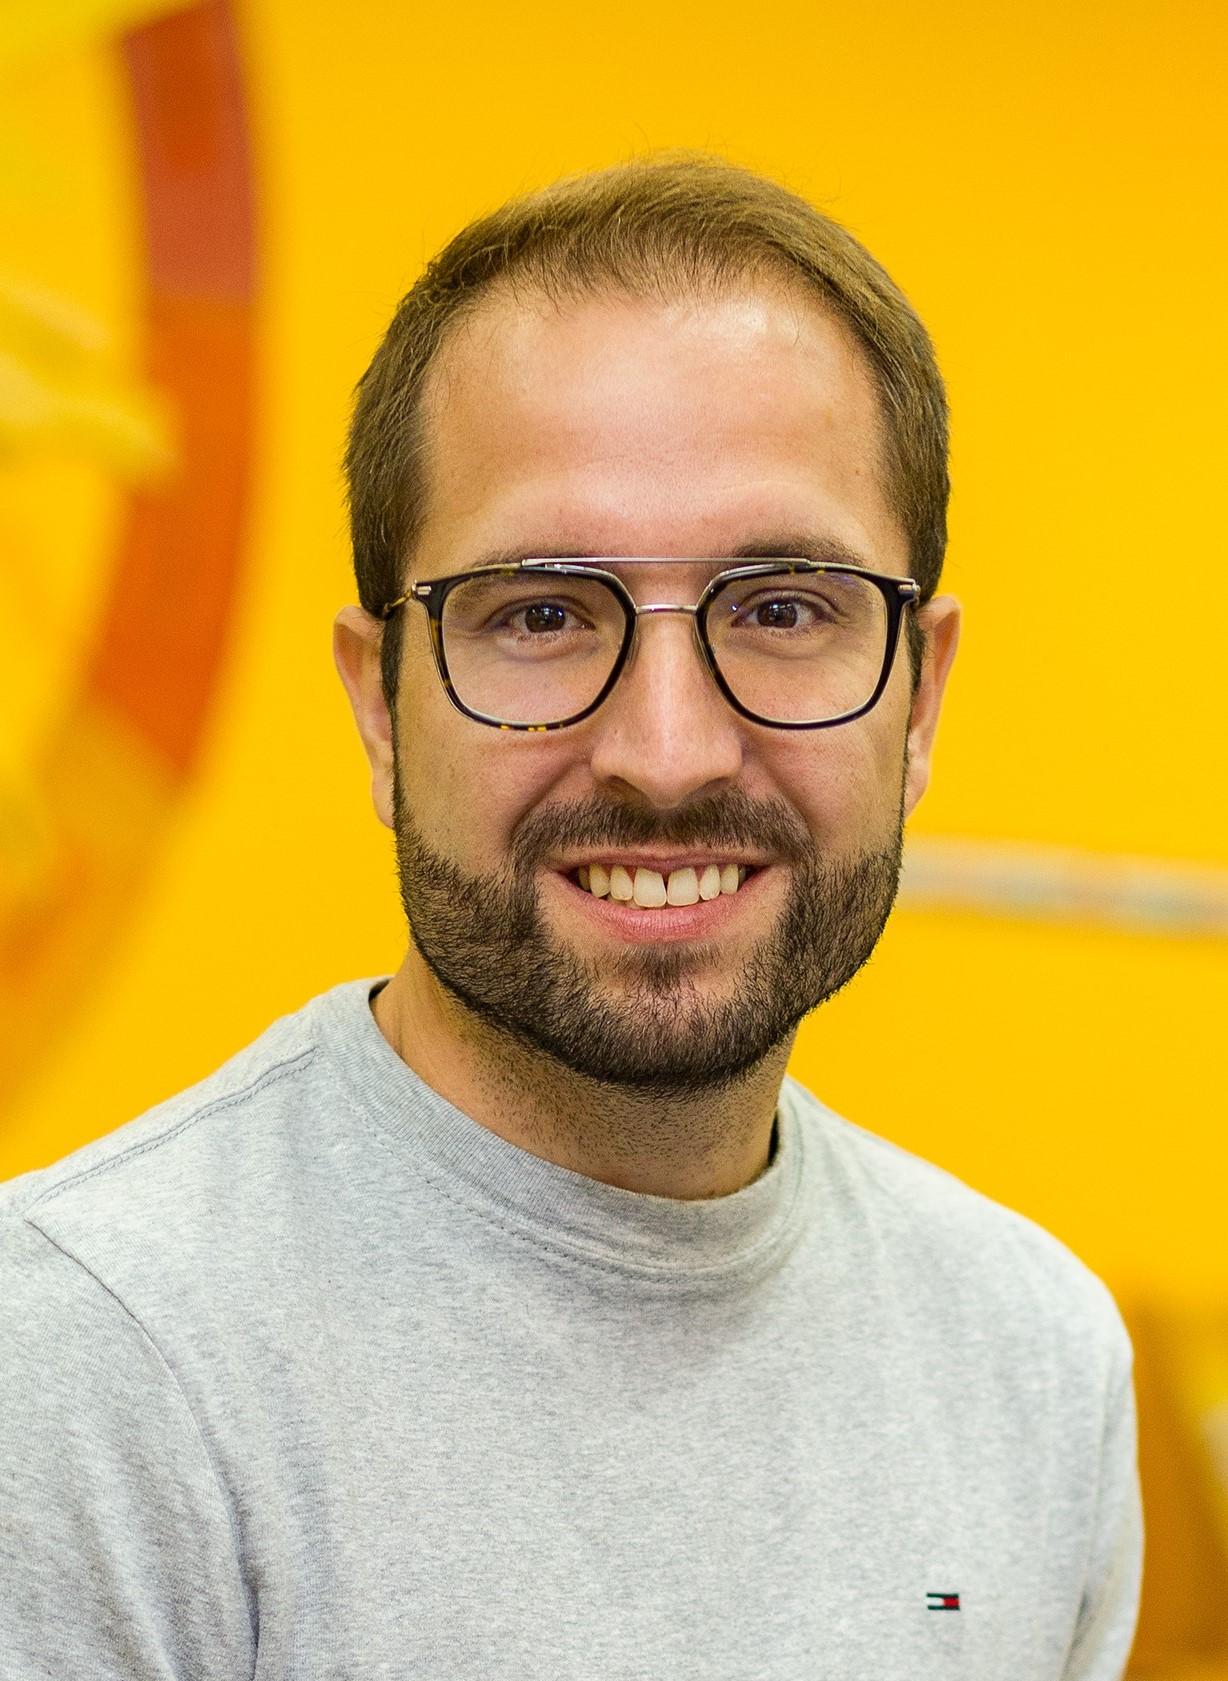 Norman Greulich